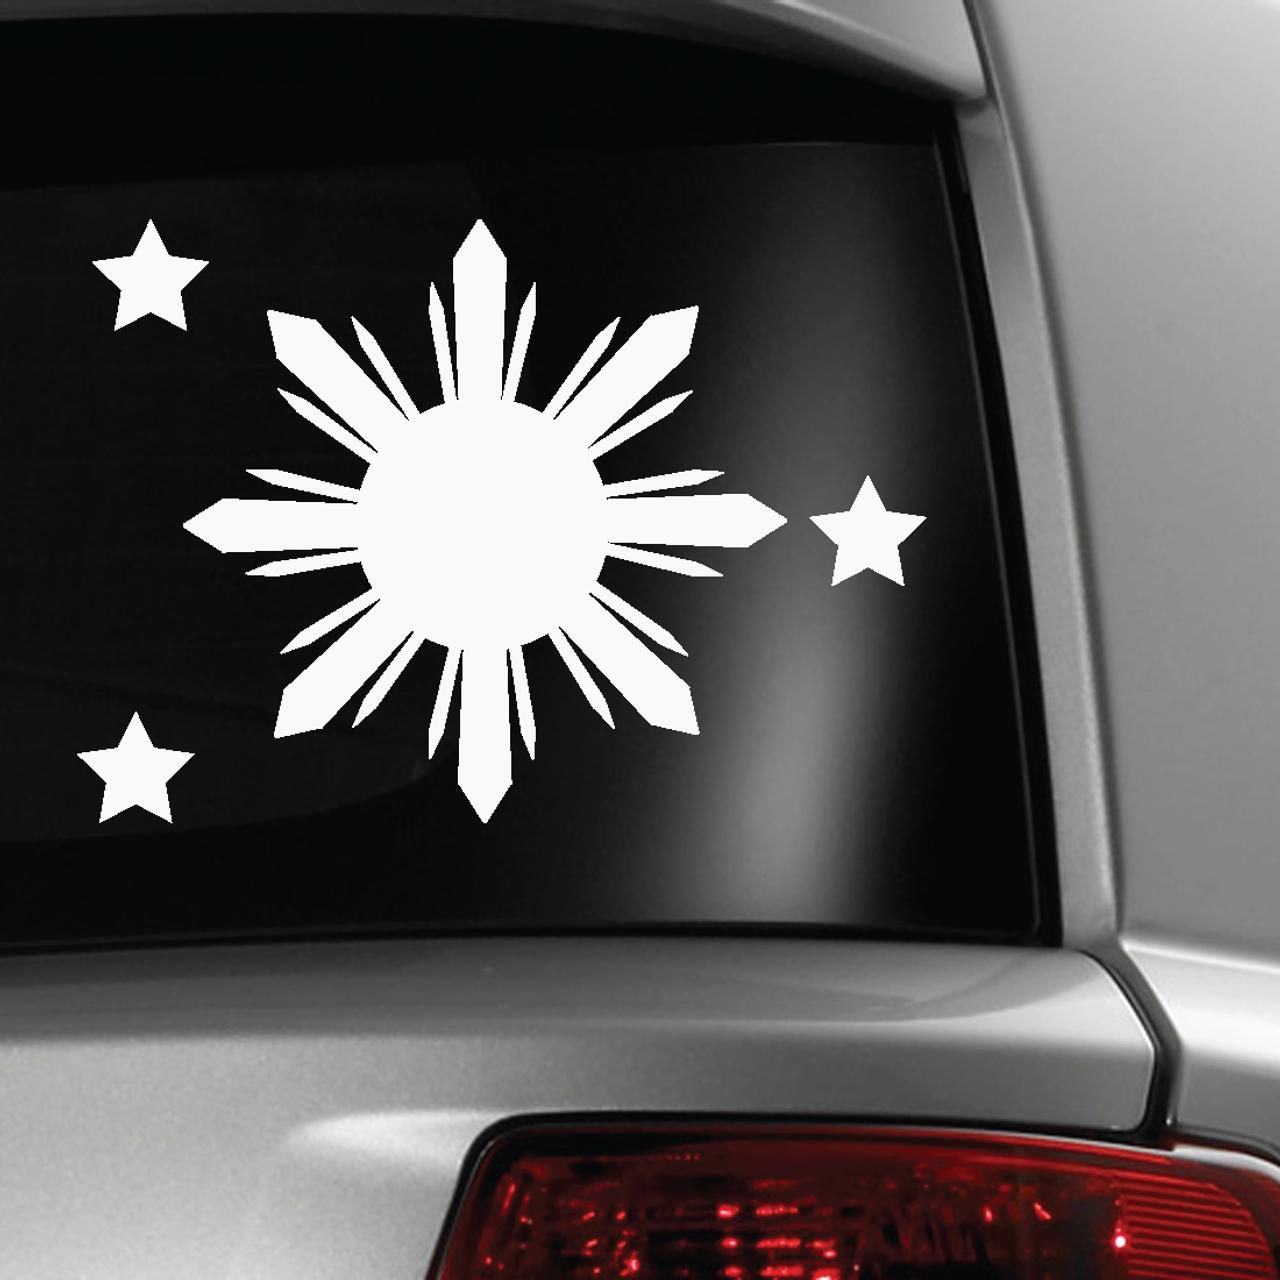 Car sticker design philippines - Philippine Flag Symbol Sticker Decal